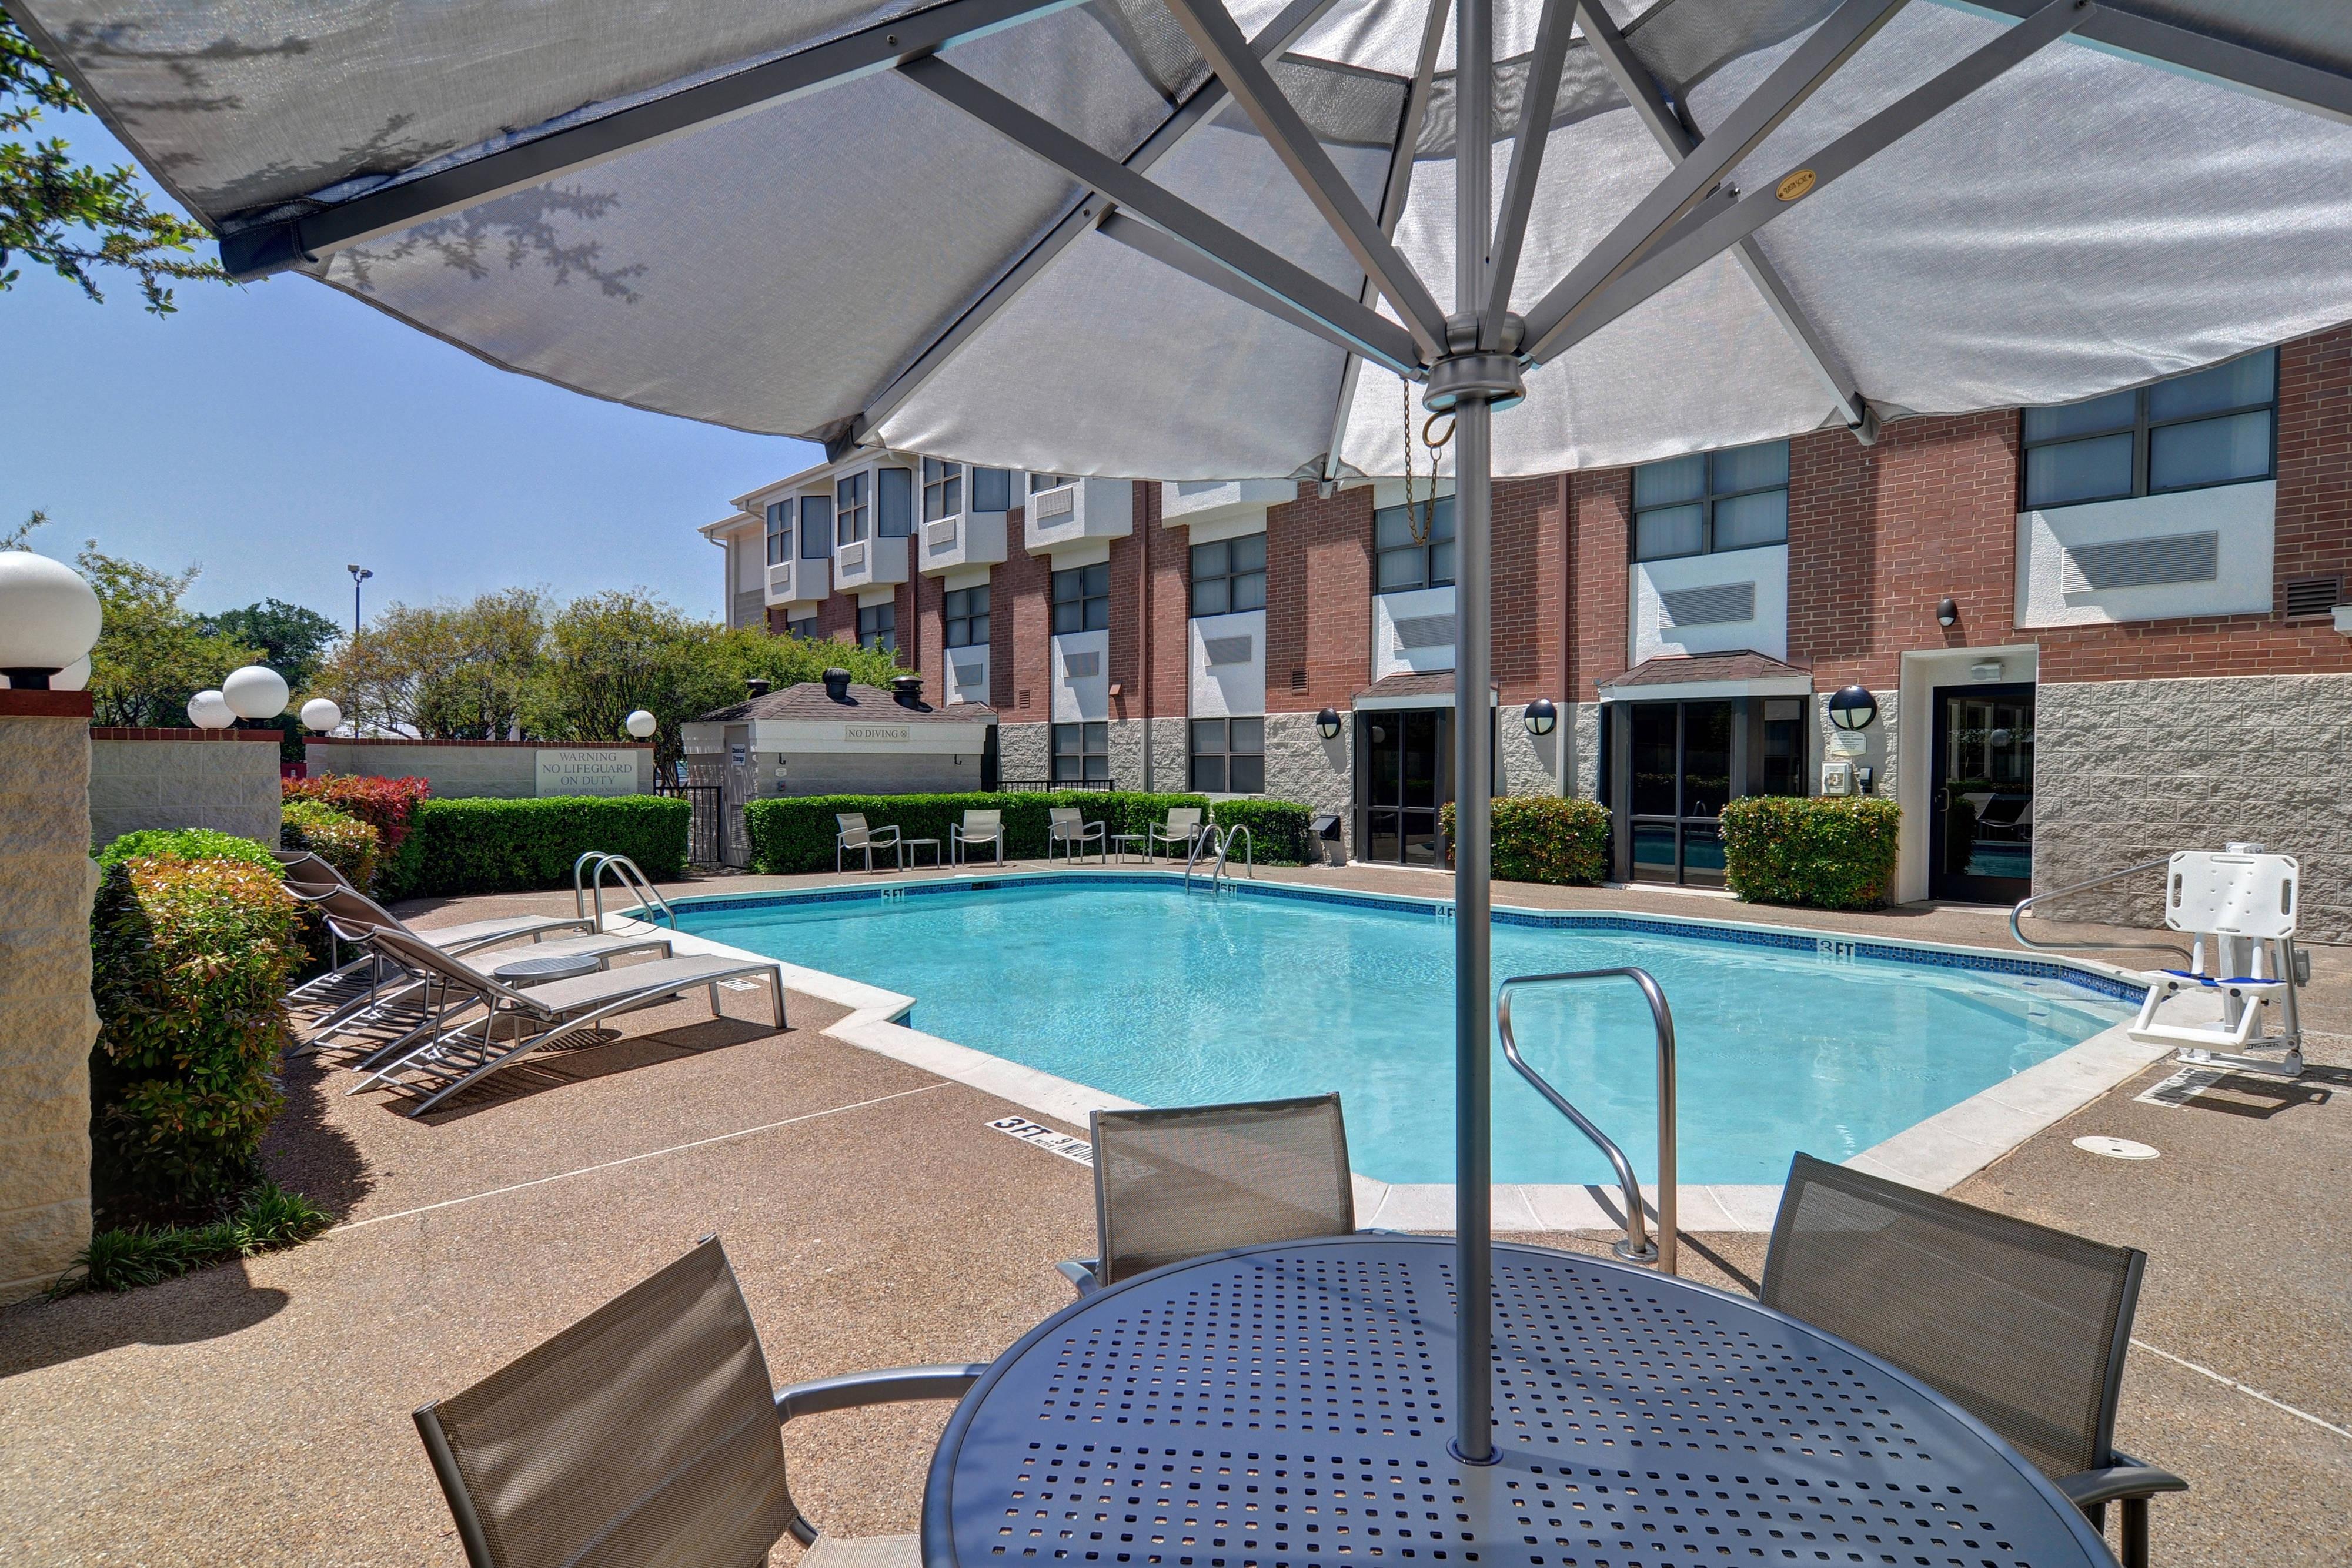 Hotel con piscina en el norte de Dallas.